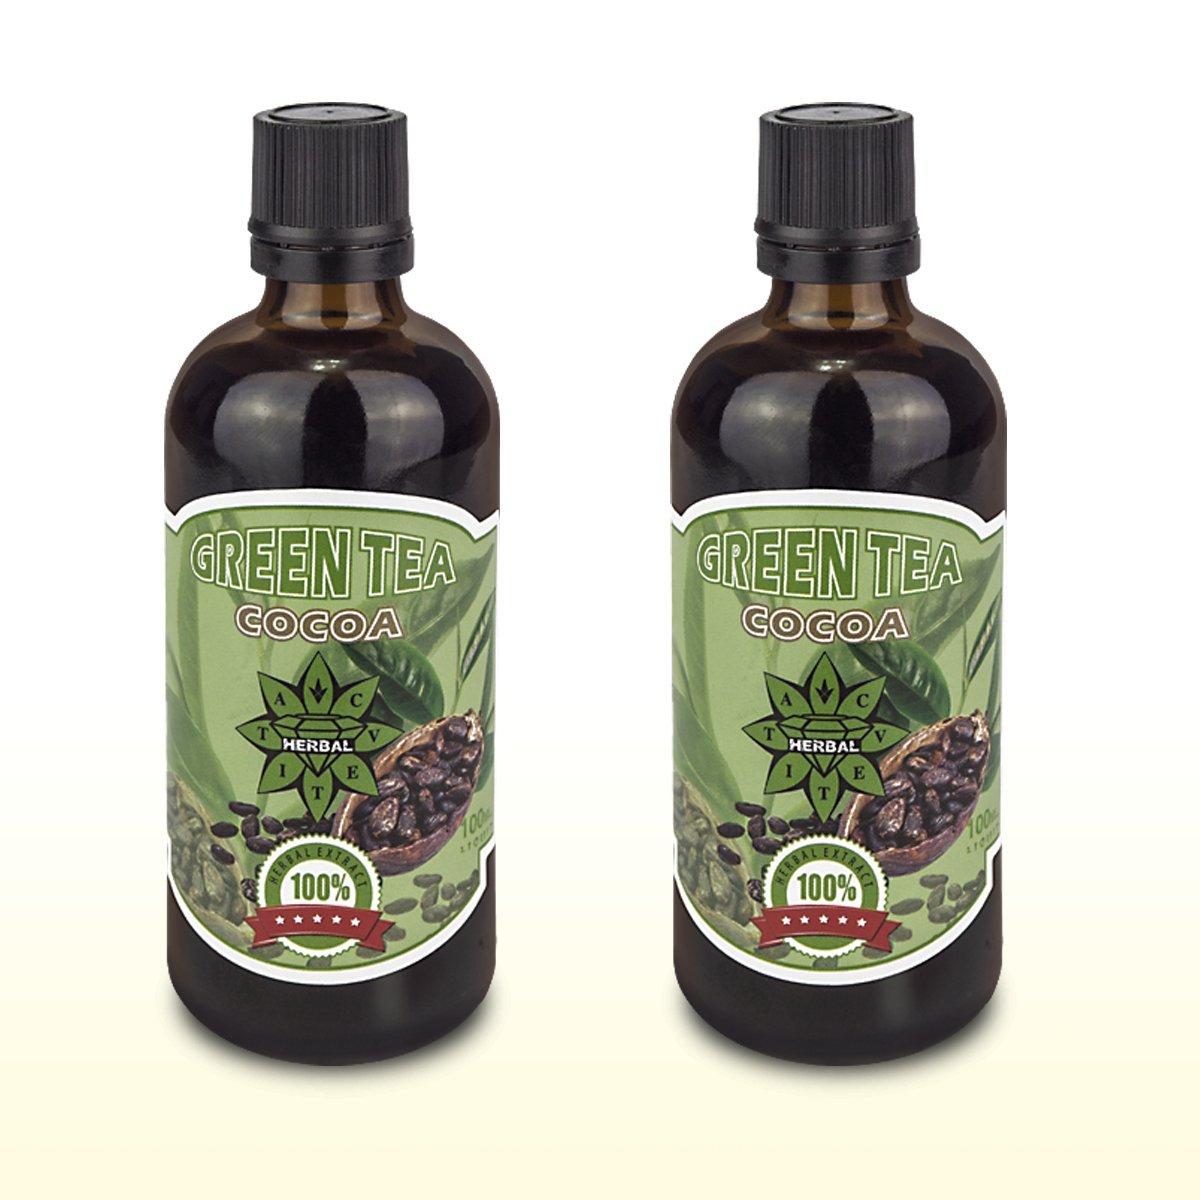 Cvetita Herbal, Té verde con del Cacao, Green Tea with cacao 2 x100 ml sérum líquido de extracto de pérdida de gestión de peso natural, propulseur de ...